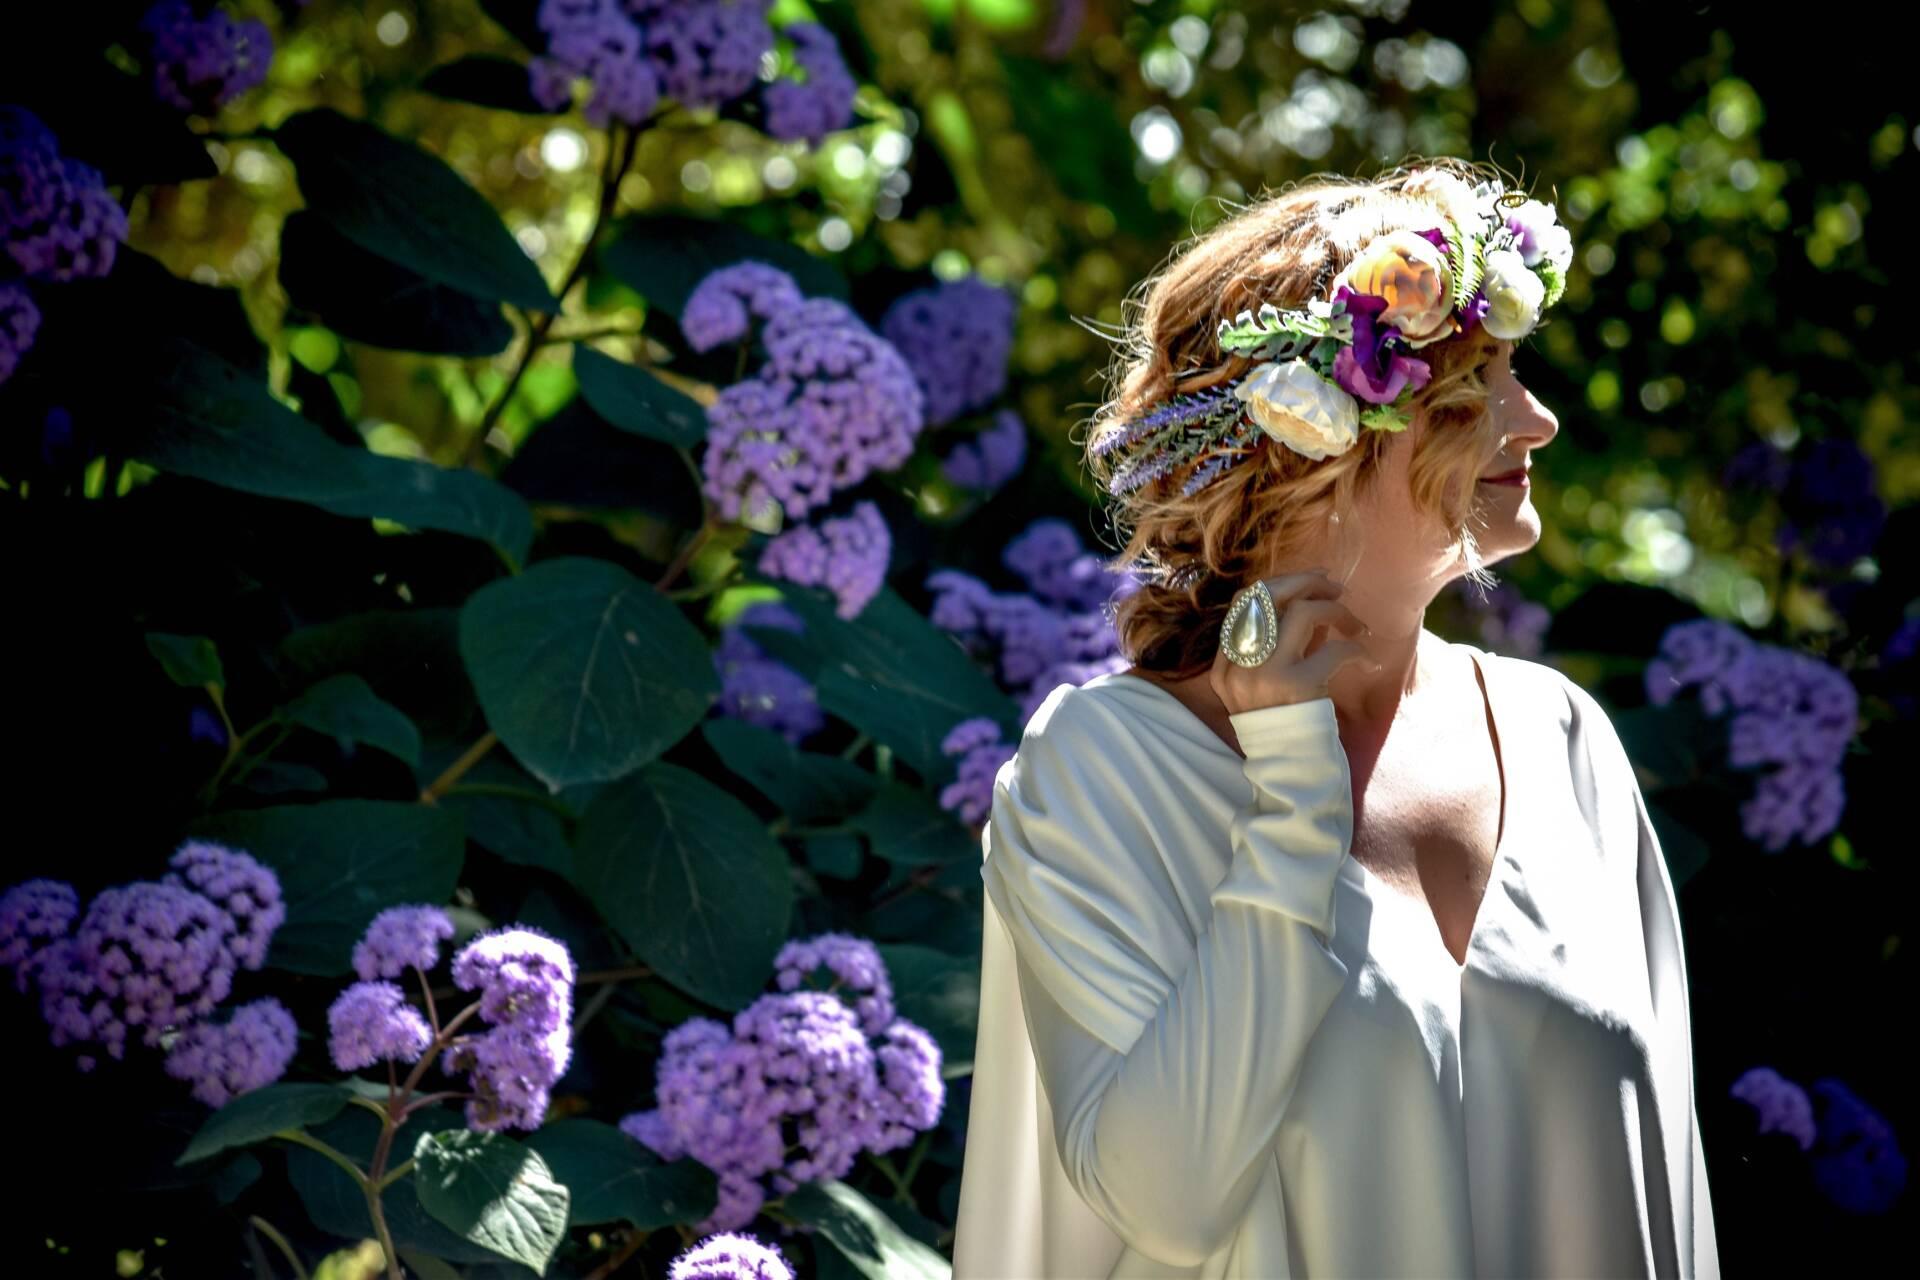 Flower Crown - The Gypsy Mumma